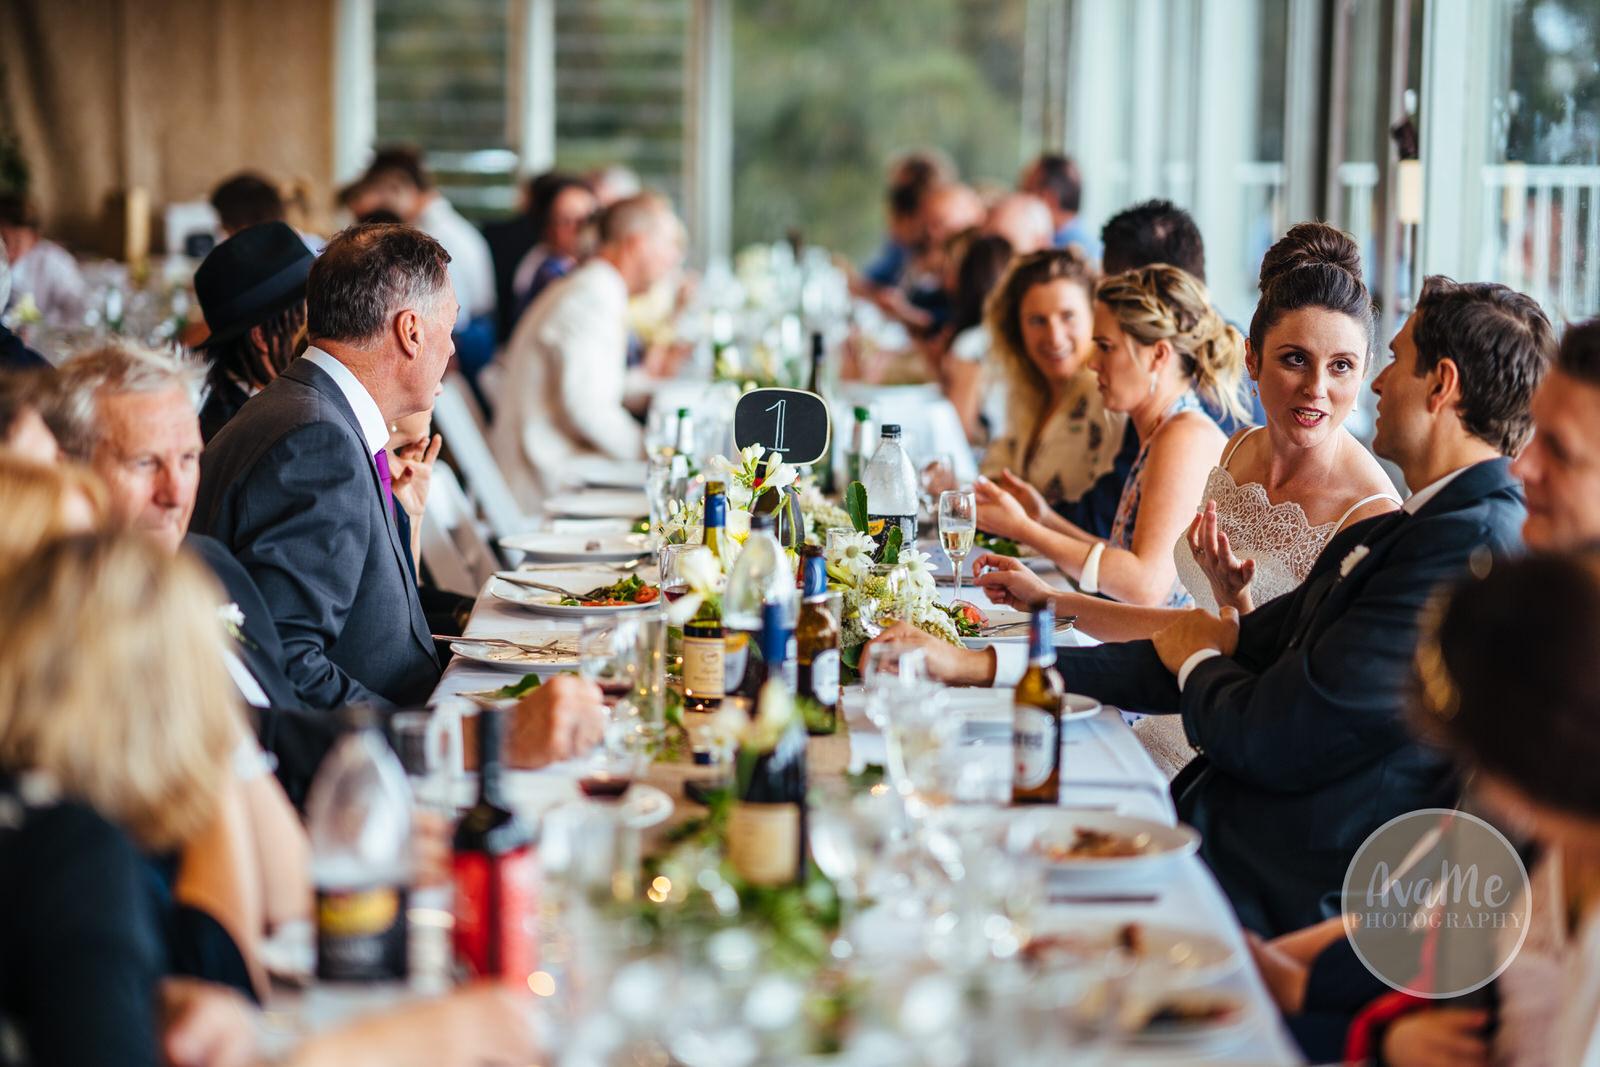 addy_matt_wedding_greenwich_sailing_club-209